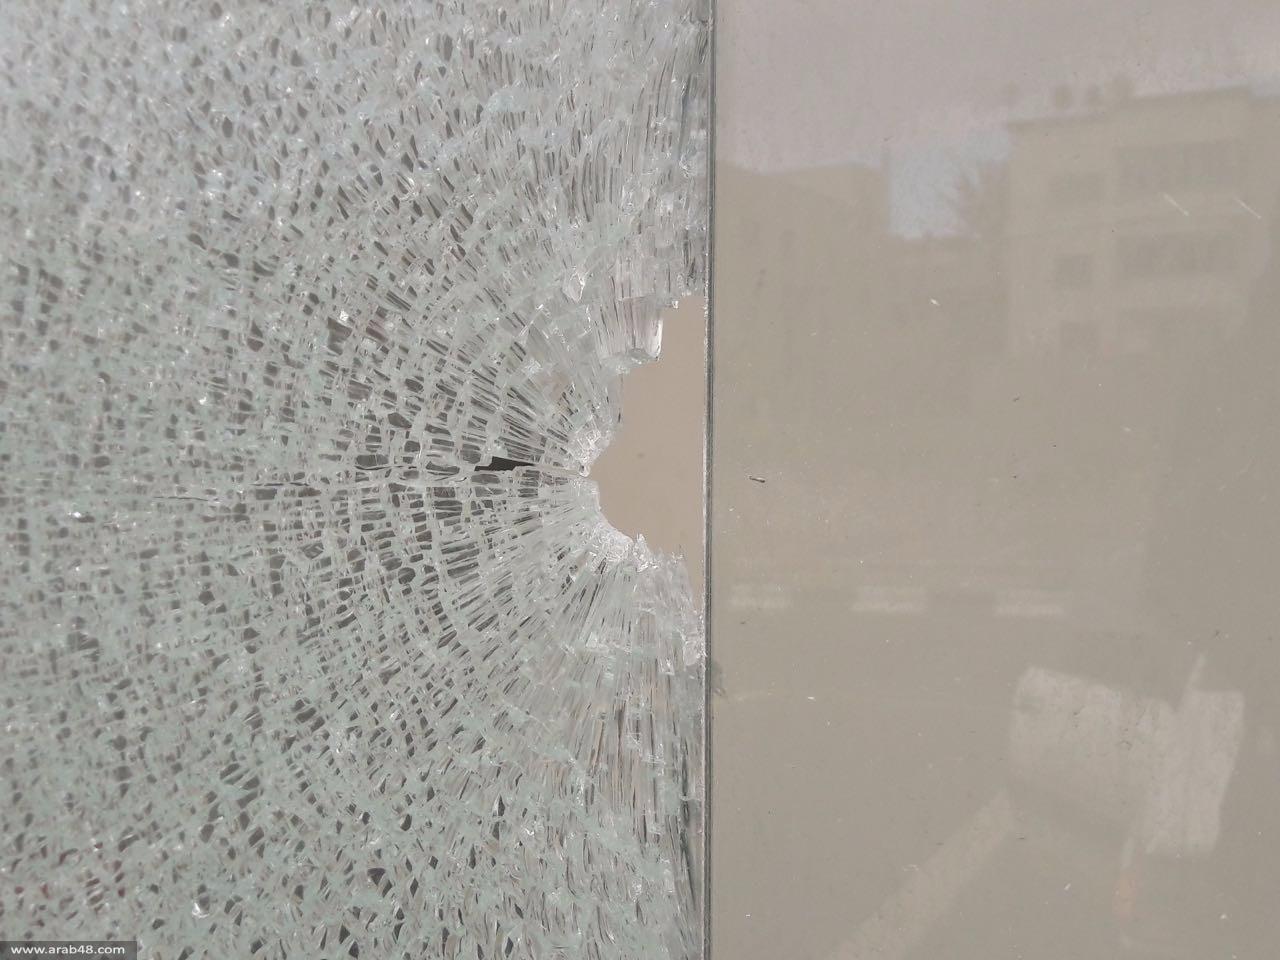 سخنين: إطلاق النار على بناية تجارية